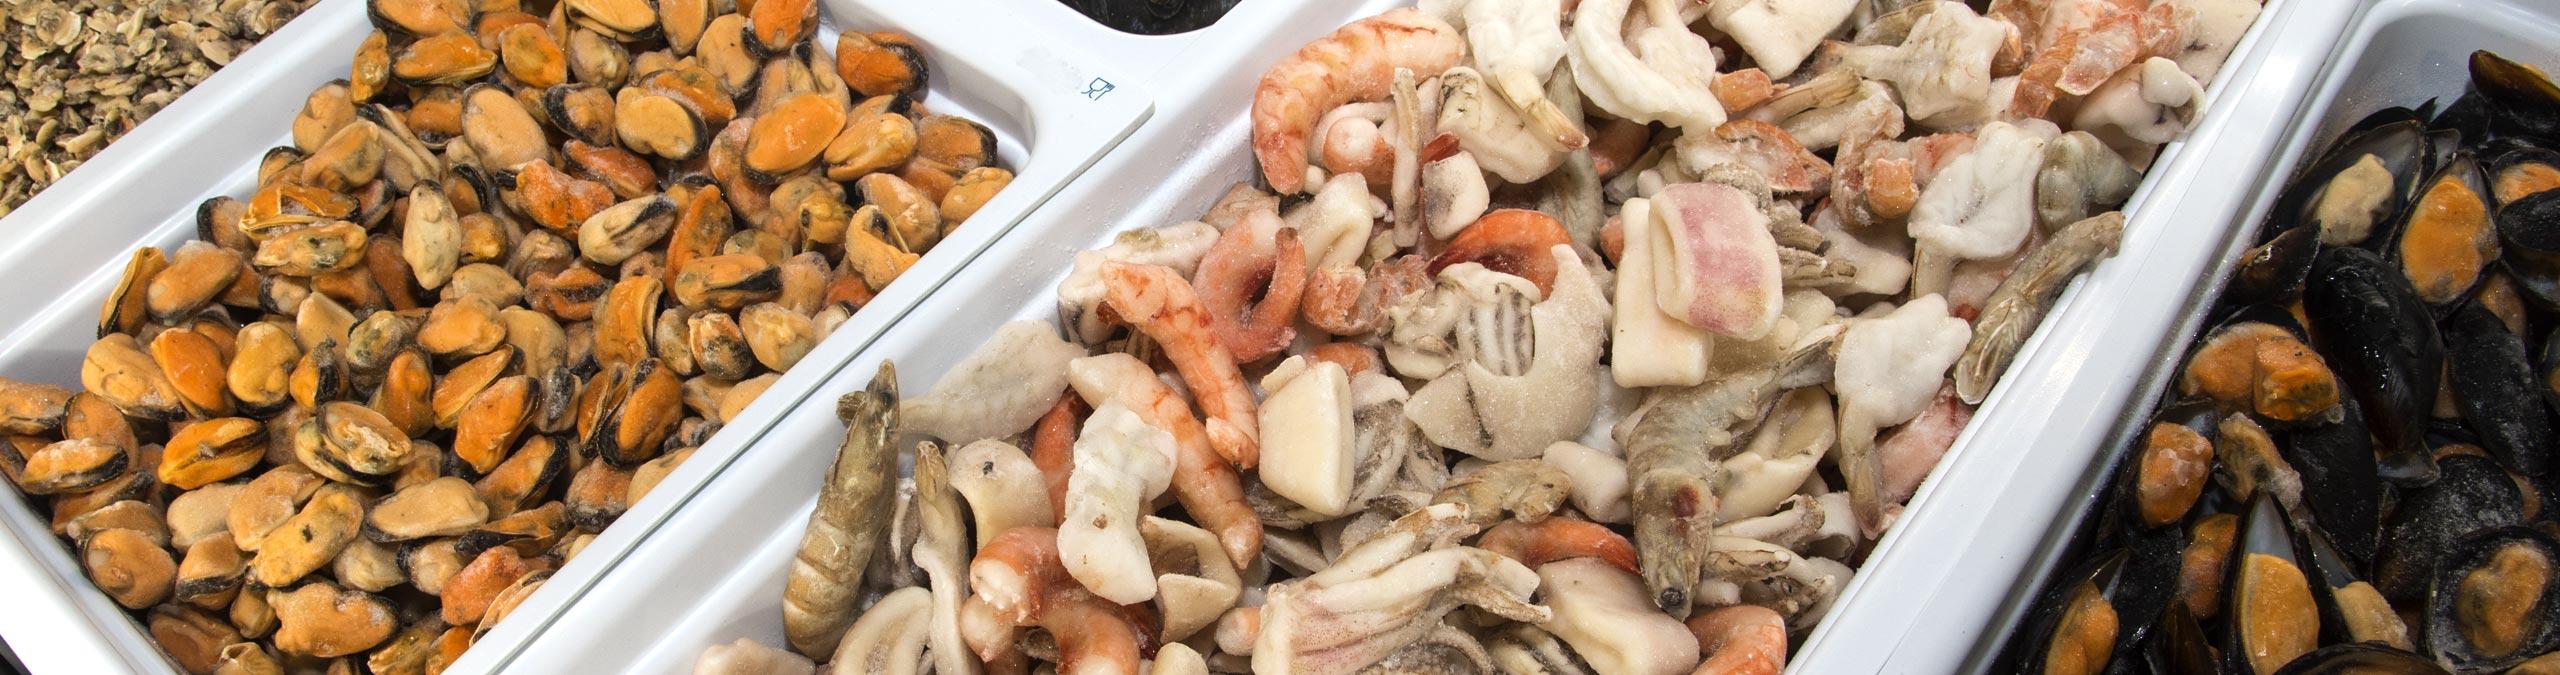 Antipasti e Frutti di mare GiorgioMare - Tutti i profumi ed i sapori del mare li trovi nella nostra ampia scelta di antipasti e frutti di mare: delizie di pescato prelibate per la tua cucina raffinata